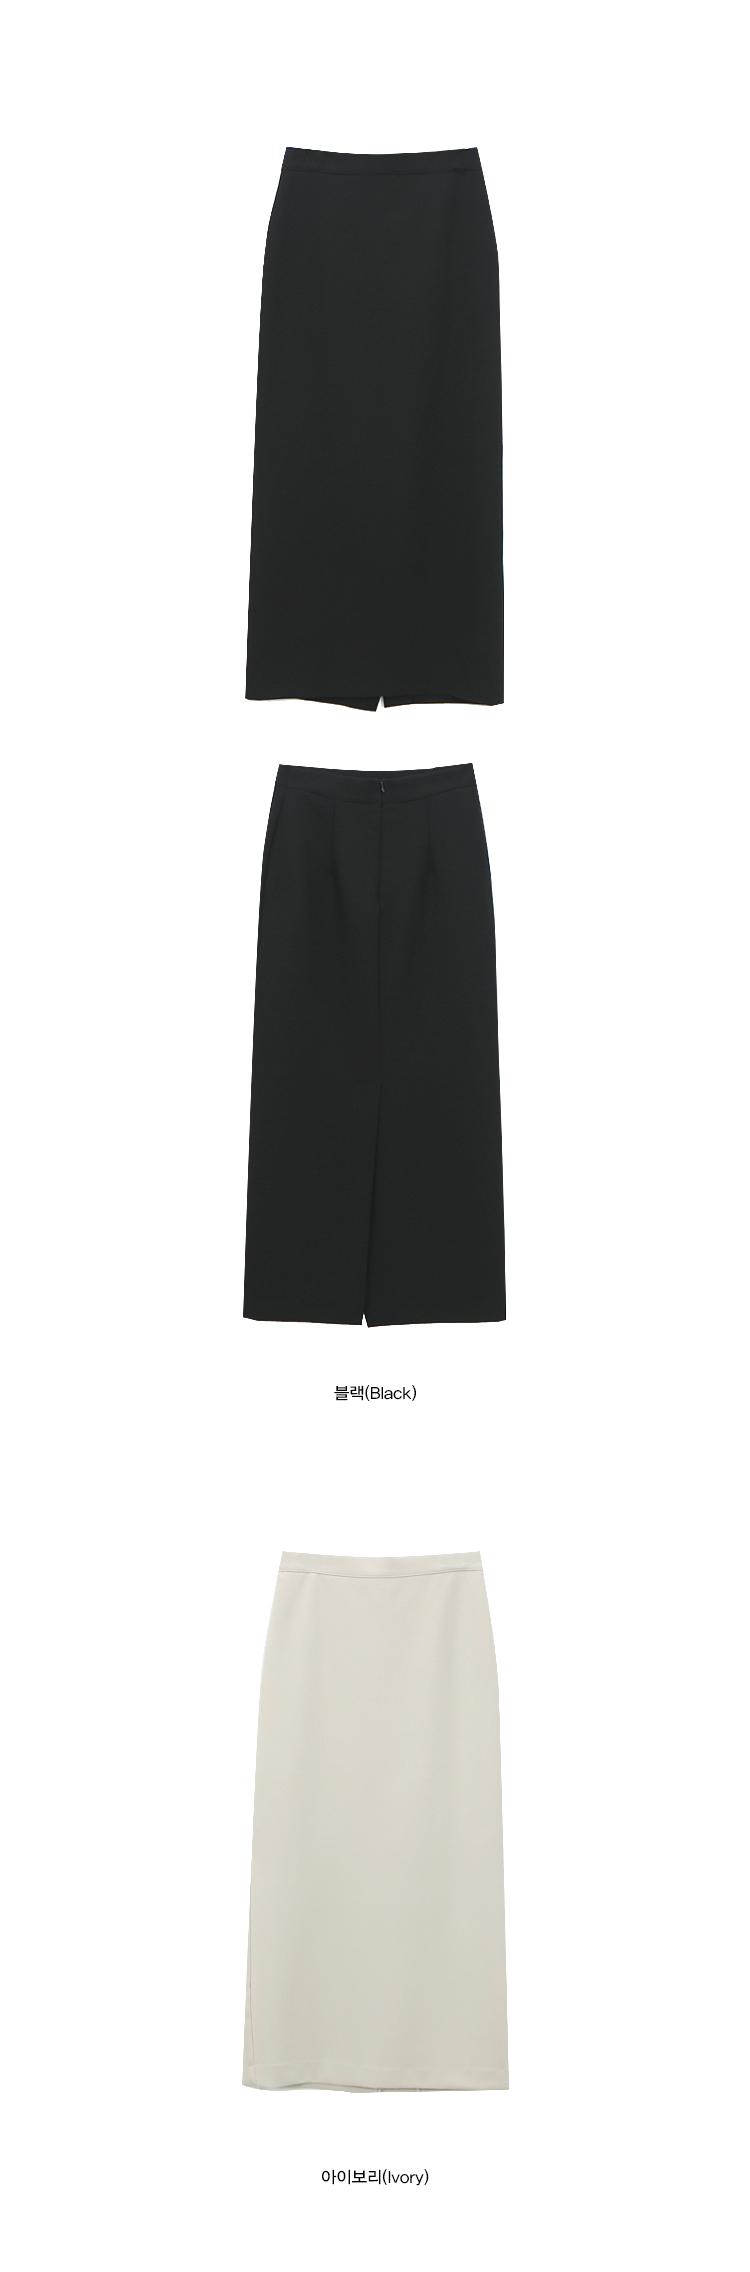 Feminine Long Skirt